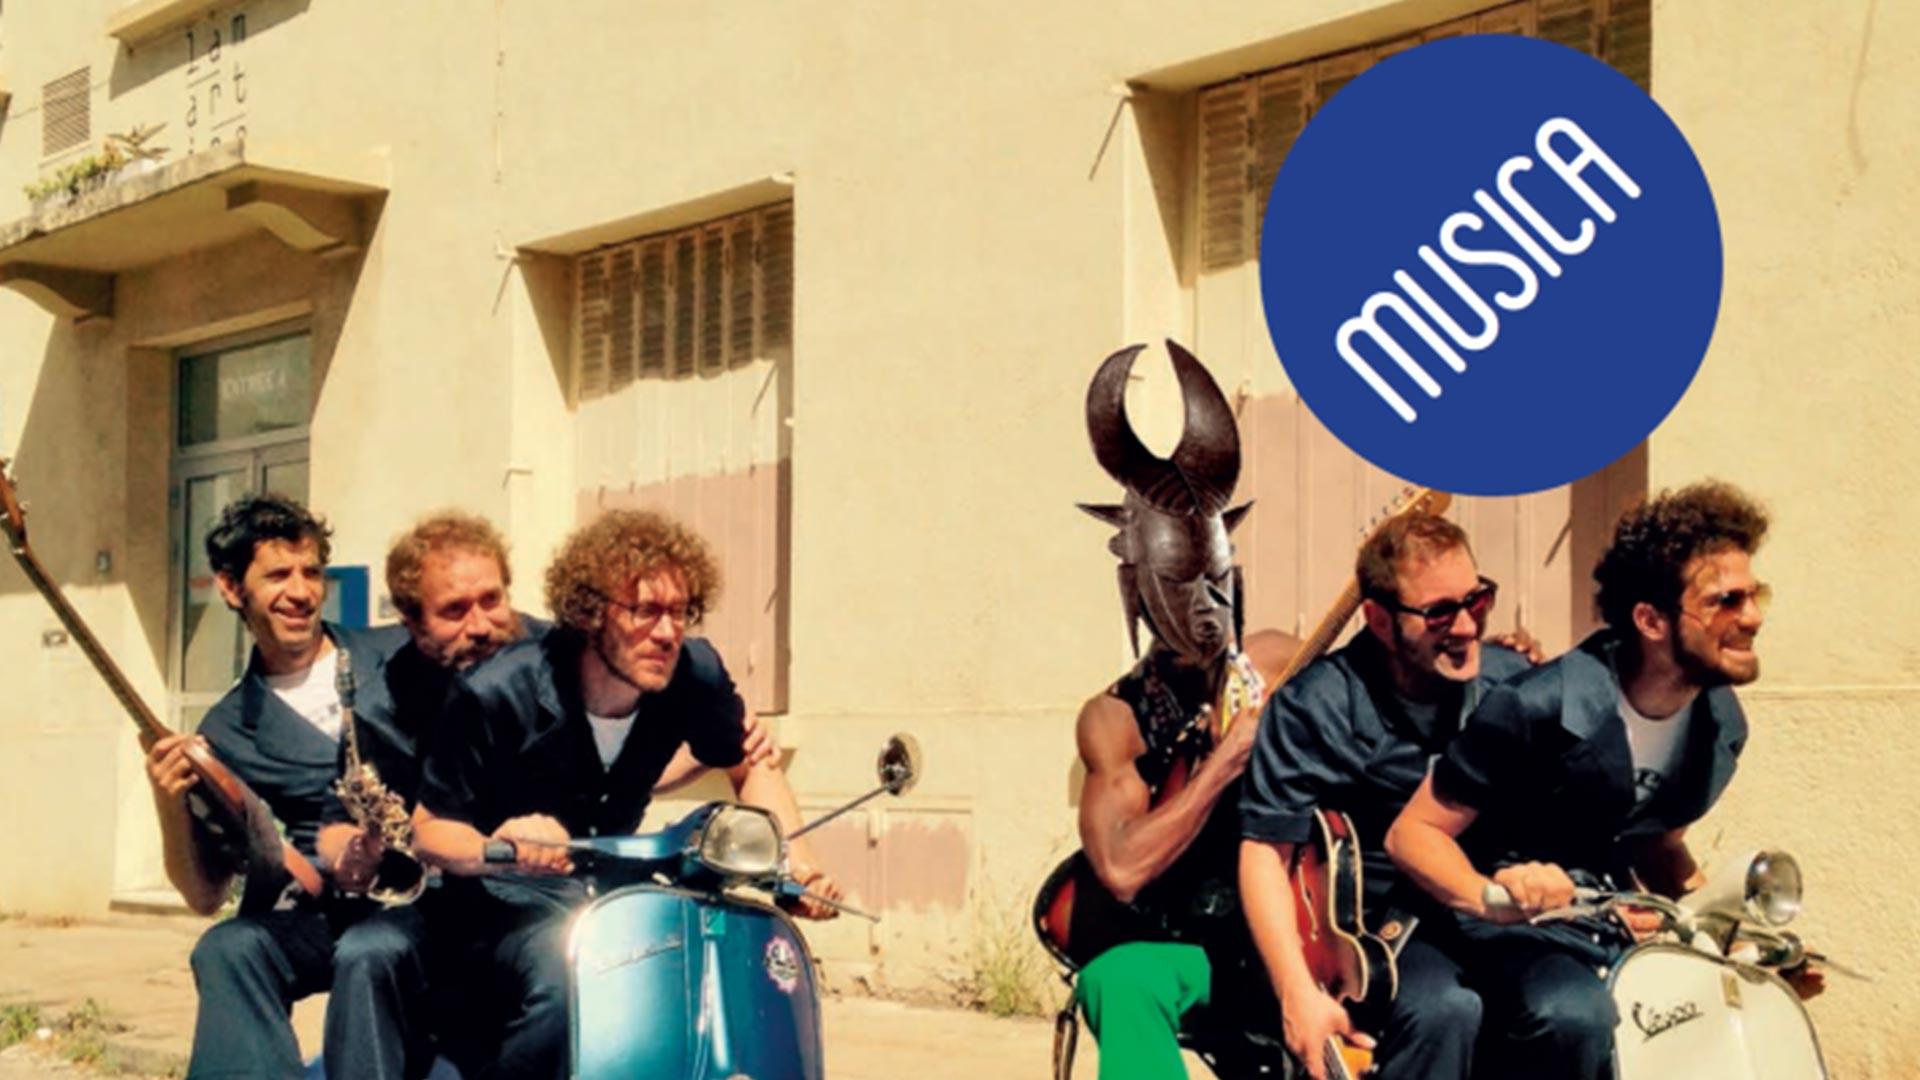 La Francia In Scena 2017 | Fête de la Musique | LPM 2015 > 2018